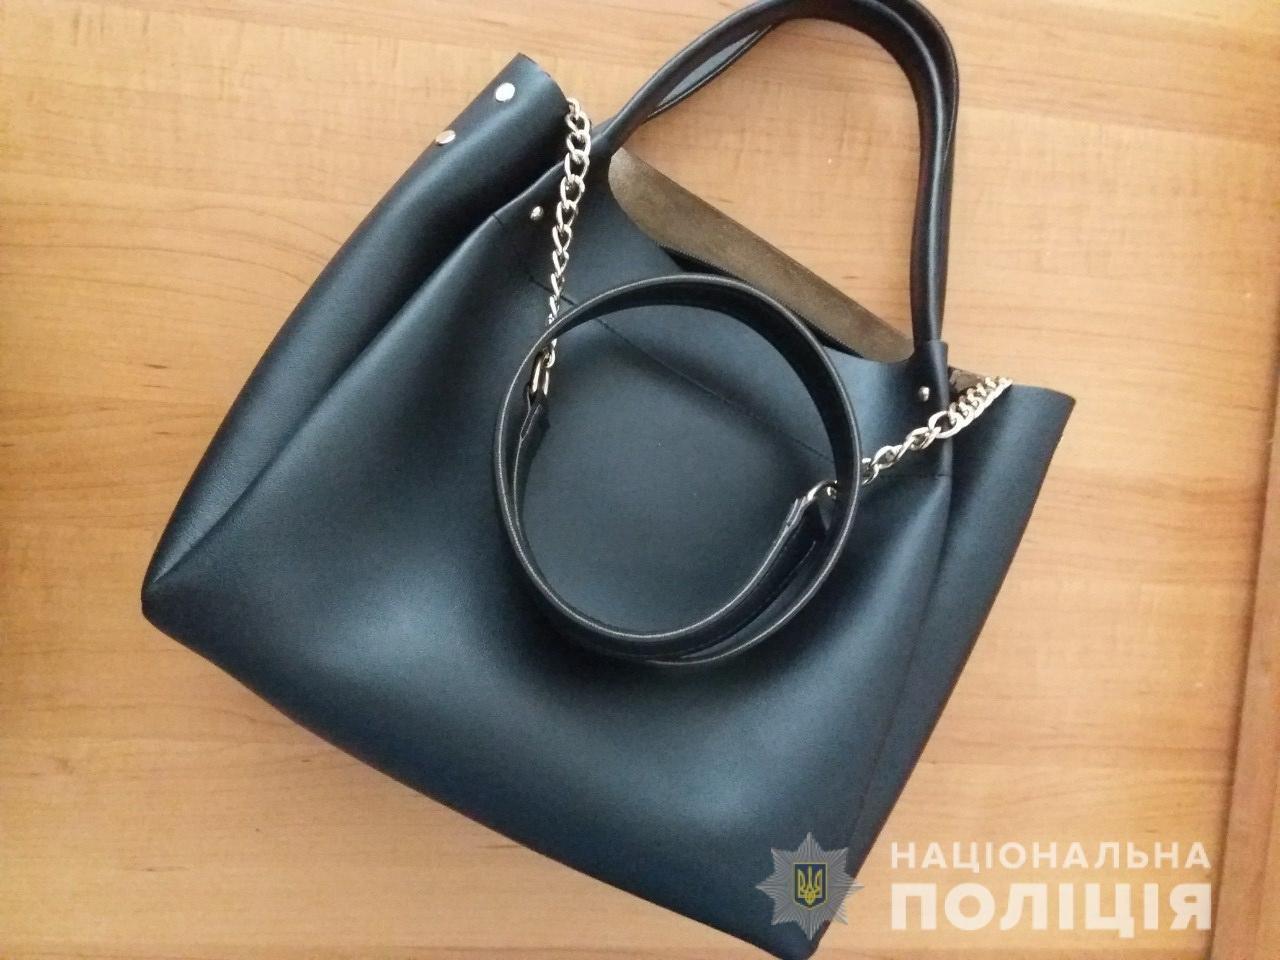 Закарпатські правоохоронці оперативно затримали чоловіка, який вкрав в магазині сумочку (ФОТО), фото-1